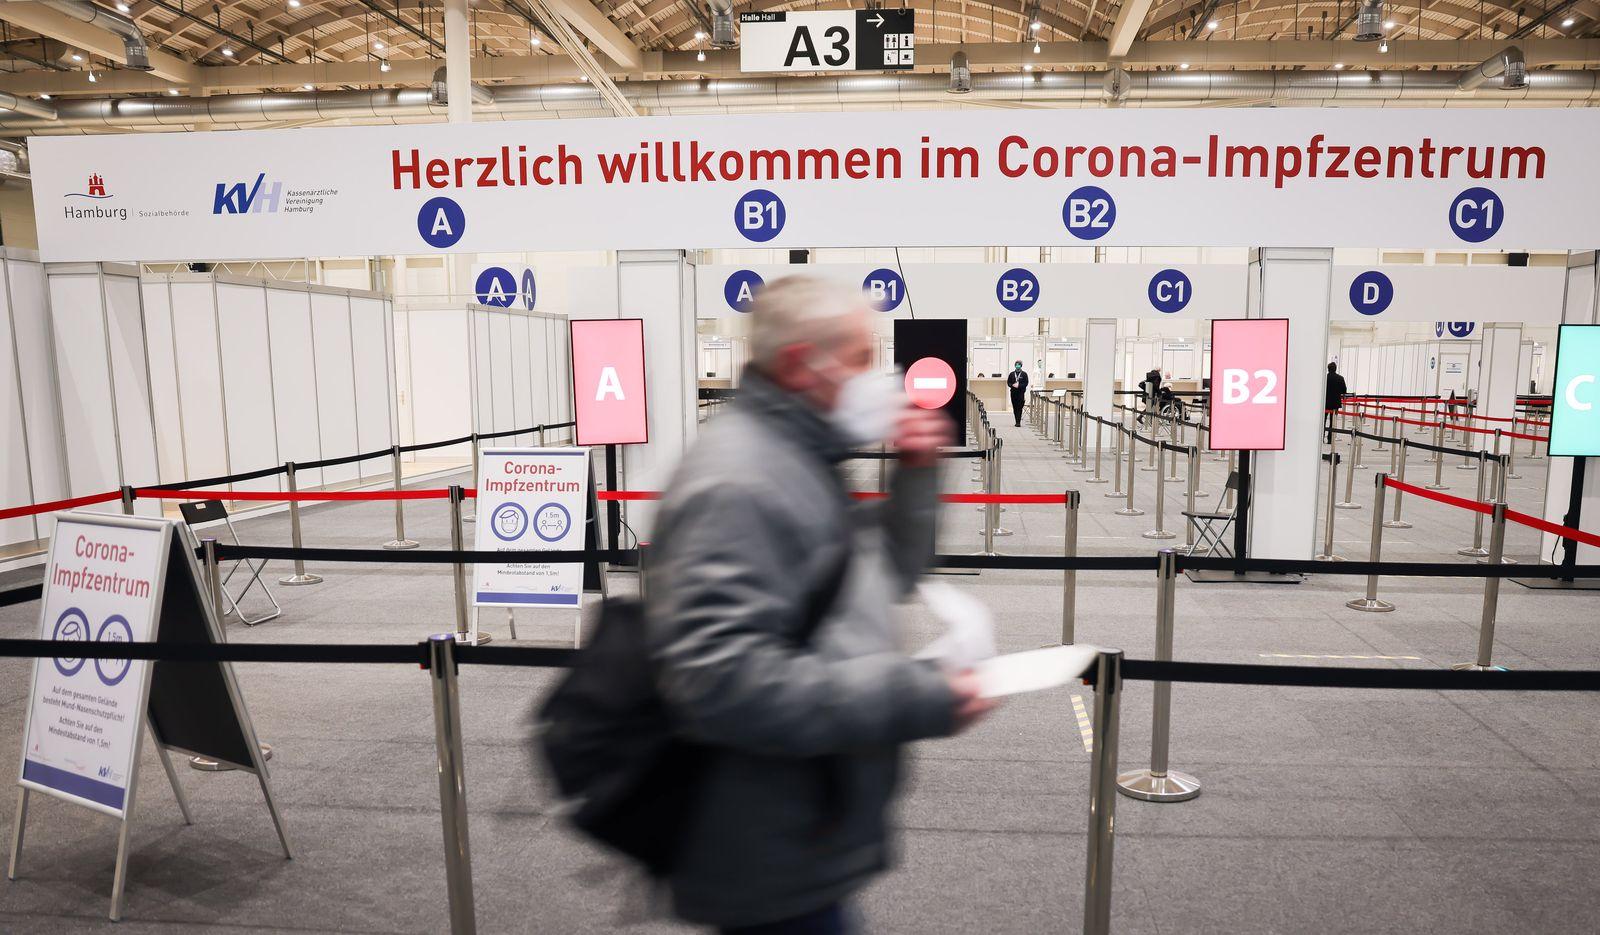 Coronavirus - Zusätzliche Halle «A2» im Hamburger Impfzentrum